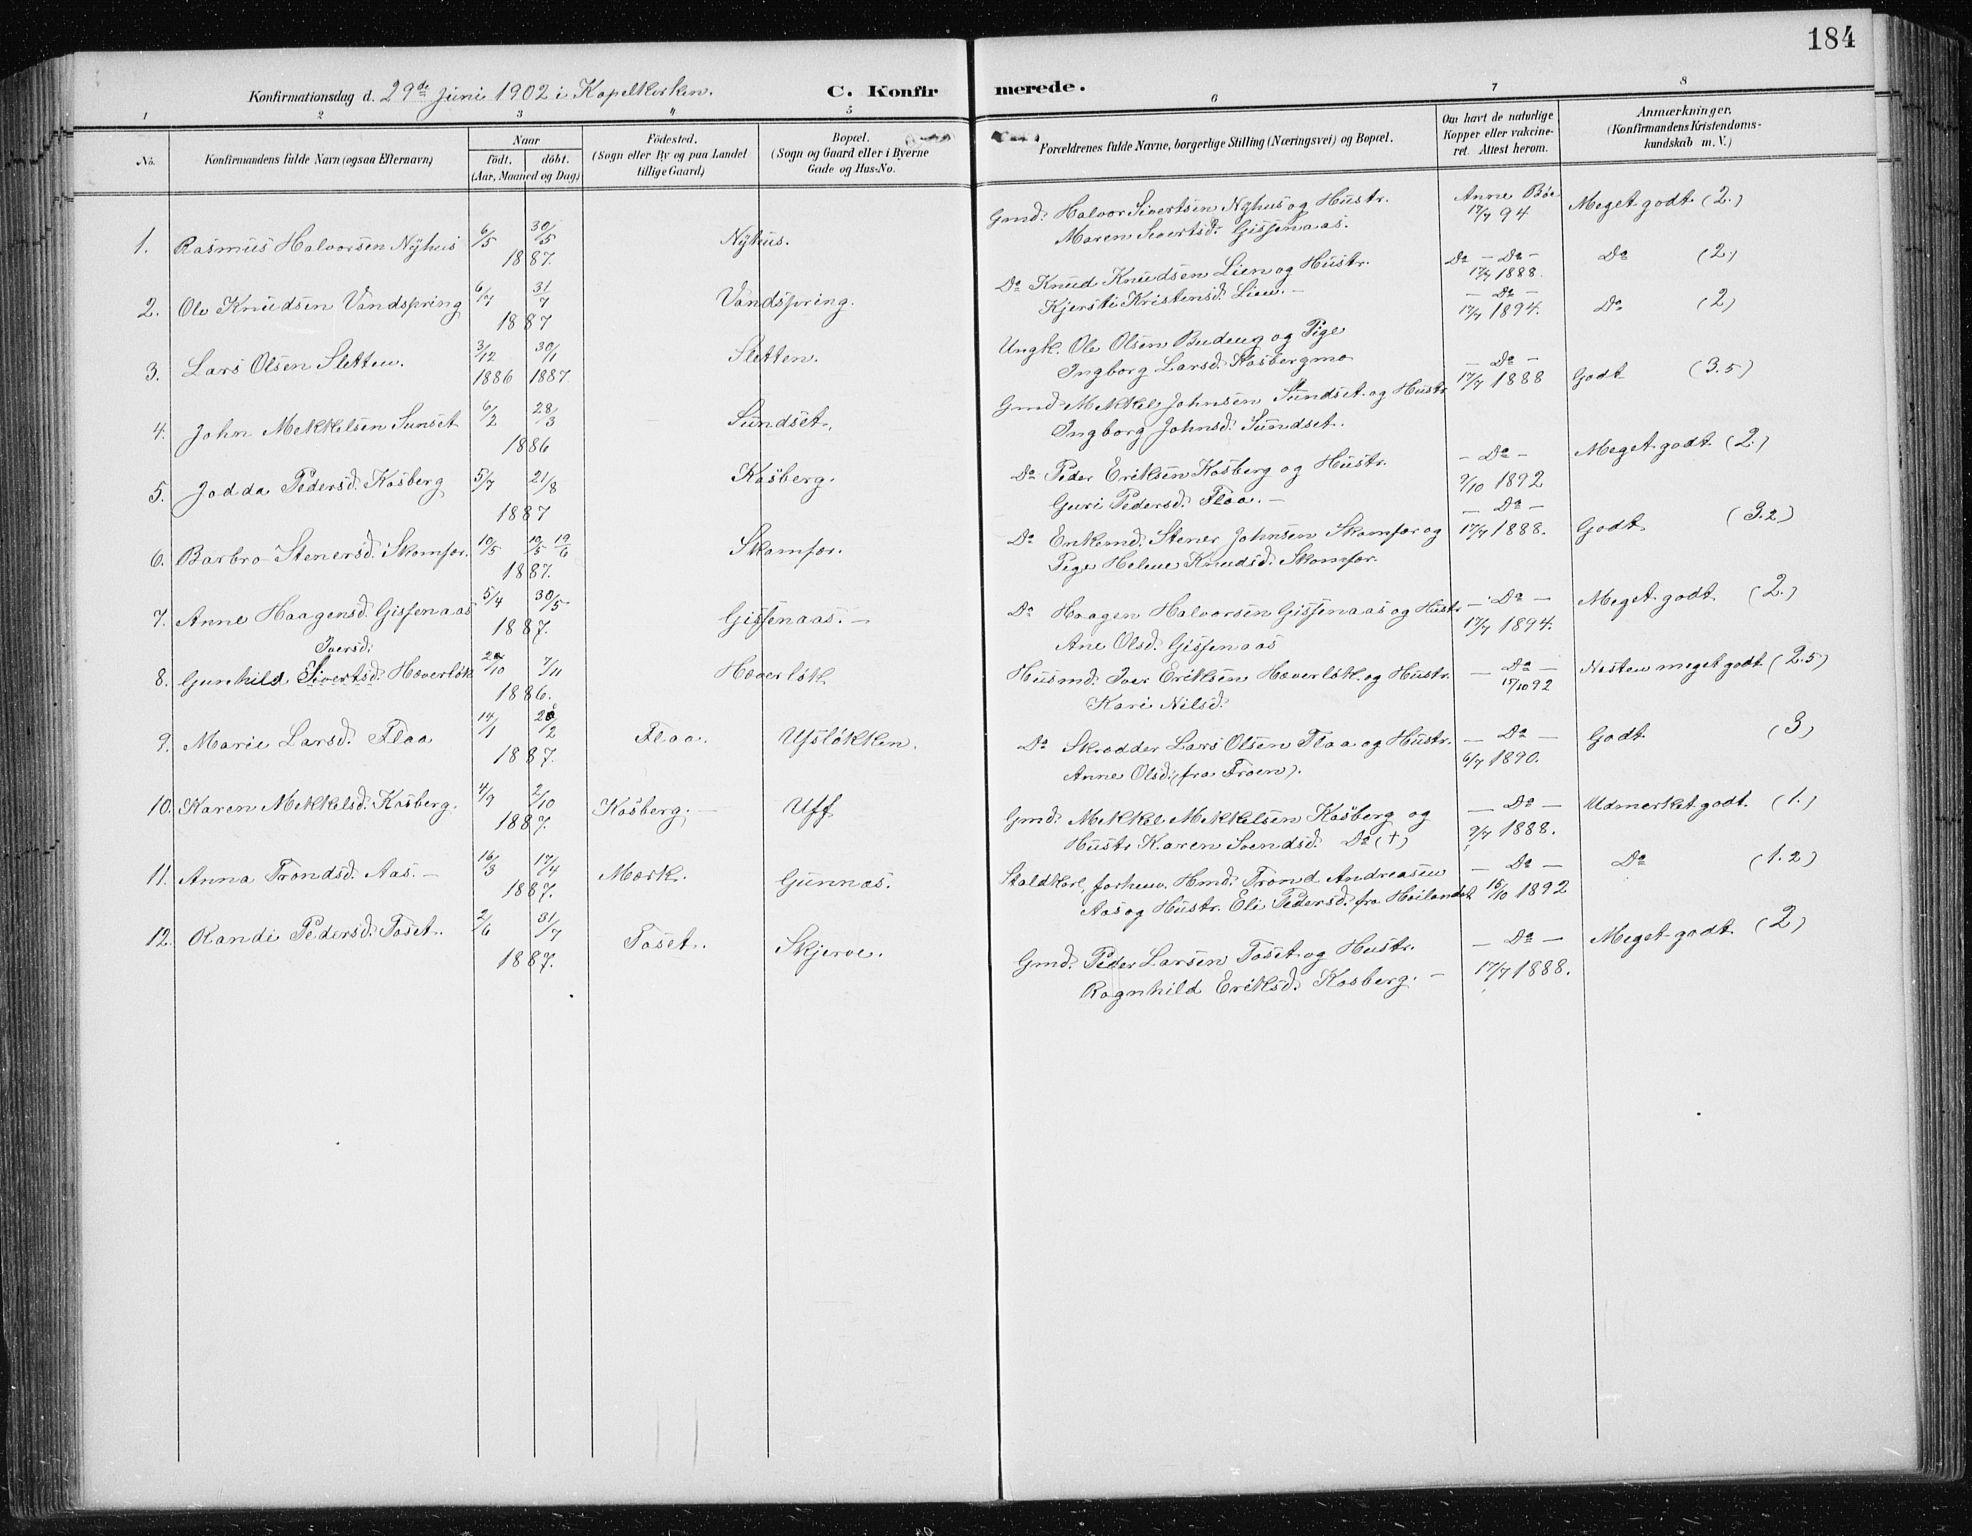 SAT, Ministerialprotokoller, klokkerbøker og fødselsregistre - Sør-Trøndelag, 674/L0876: Klokkerbok nr. 674C03, 1892-1912, s. 184